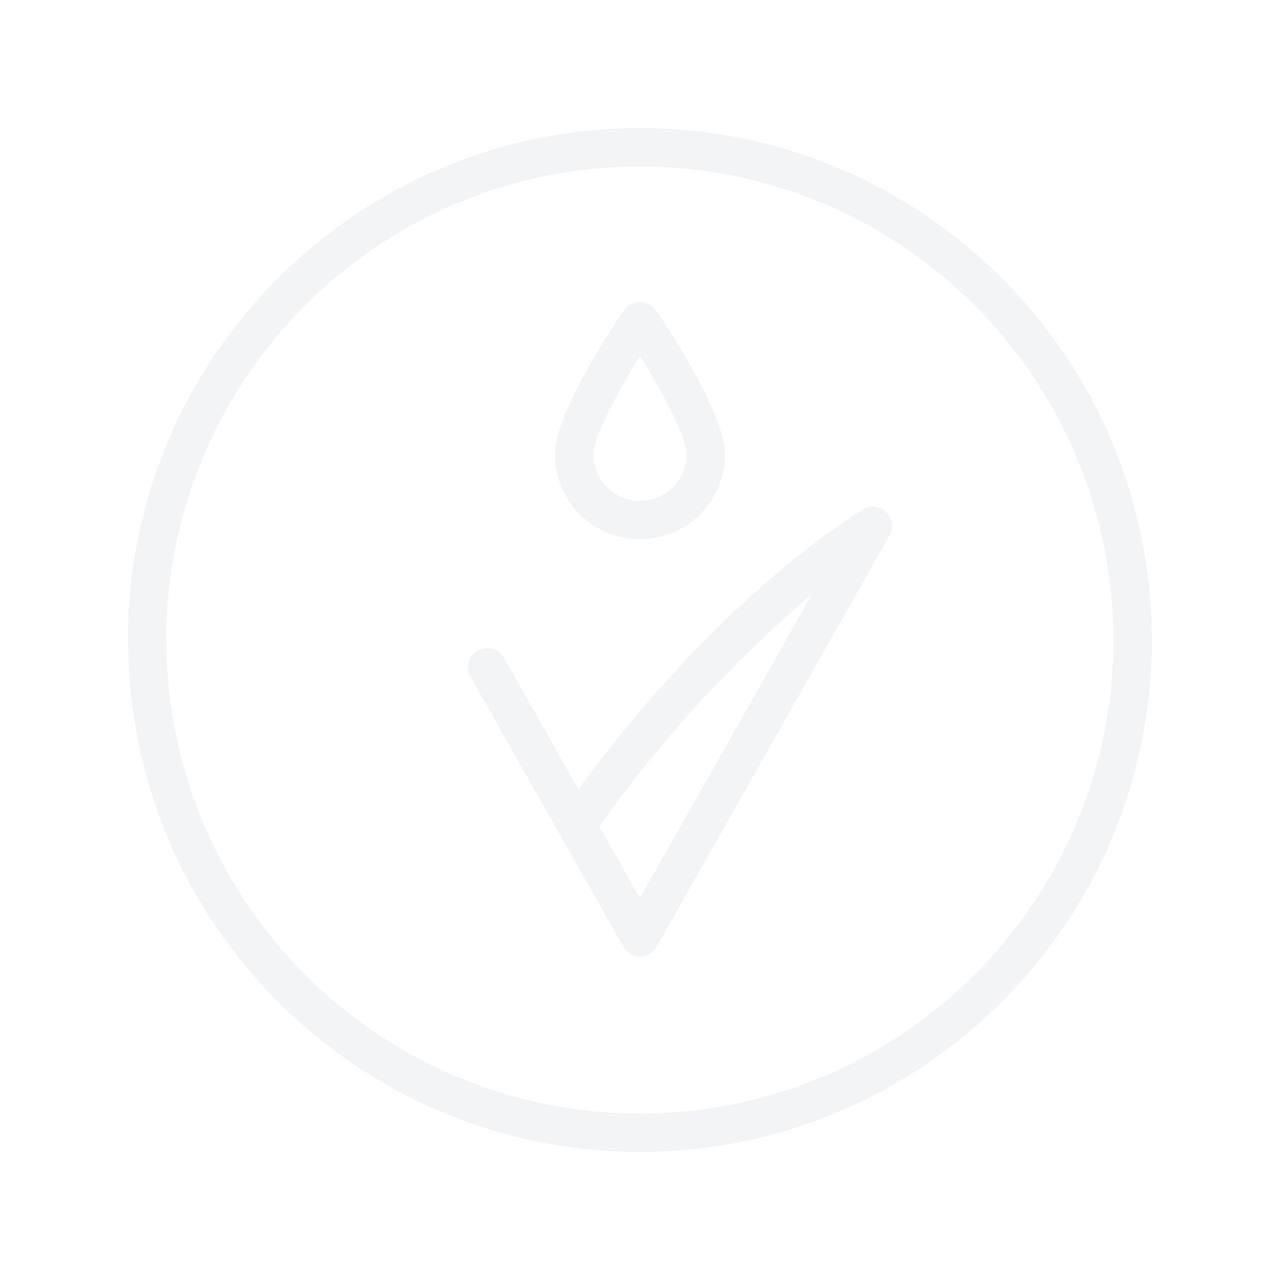 Dr. Hauschka Lemon Lemongrass Vitalising Body Oil 75ml